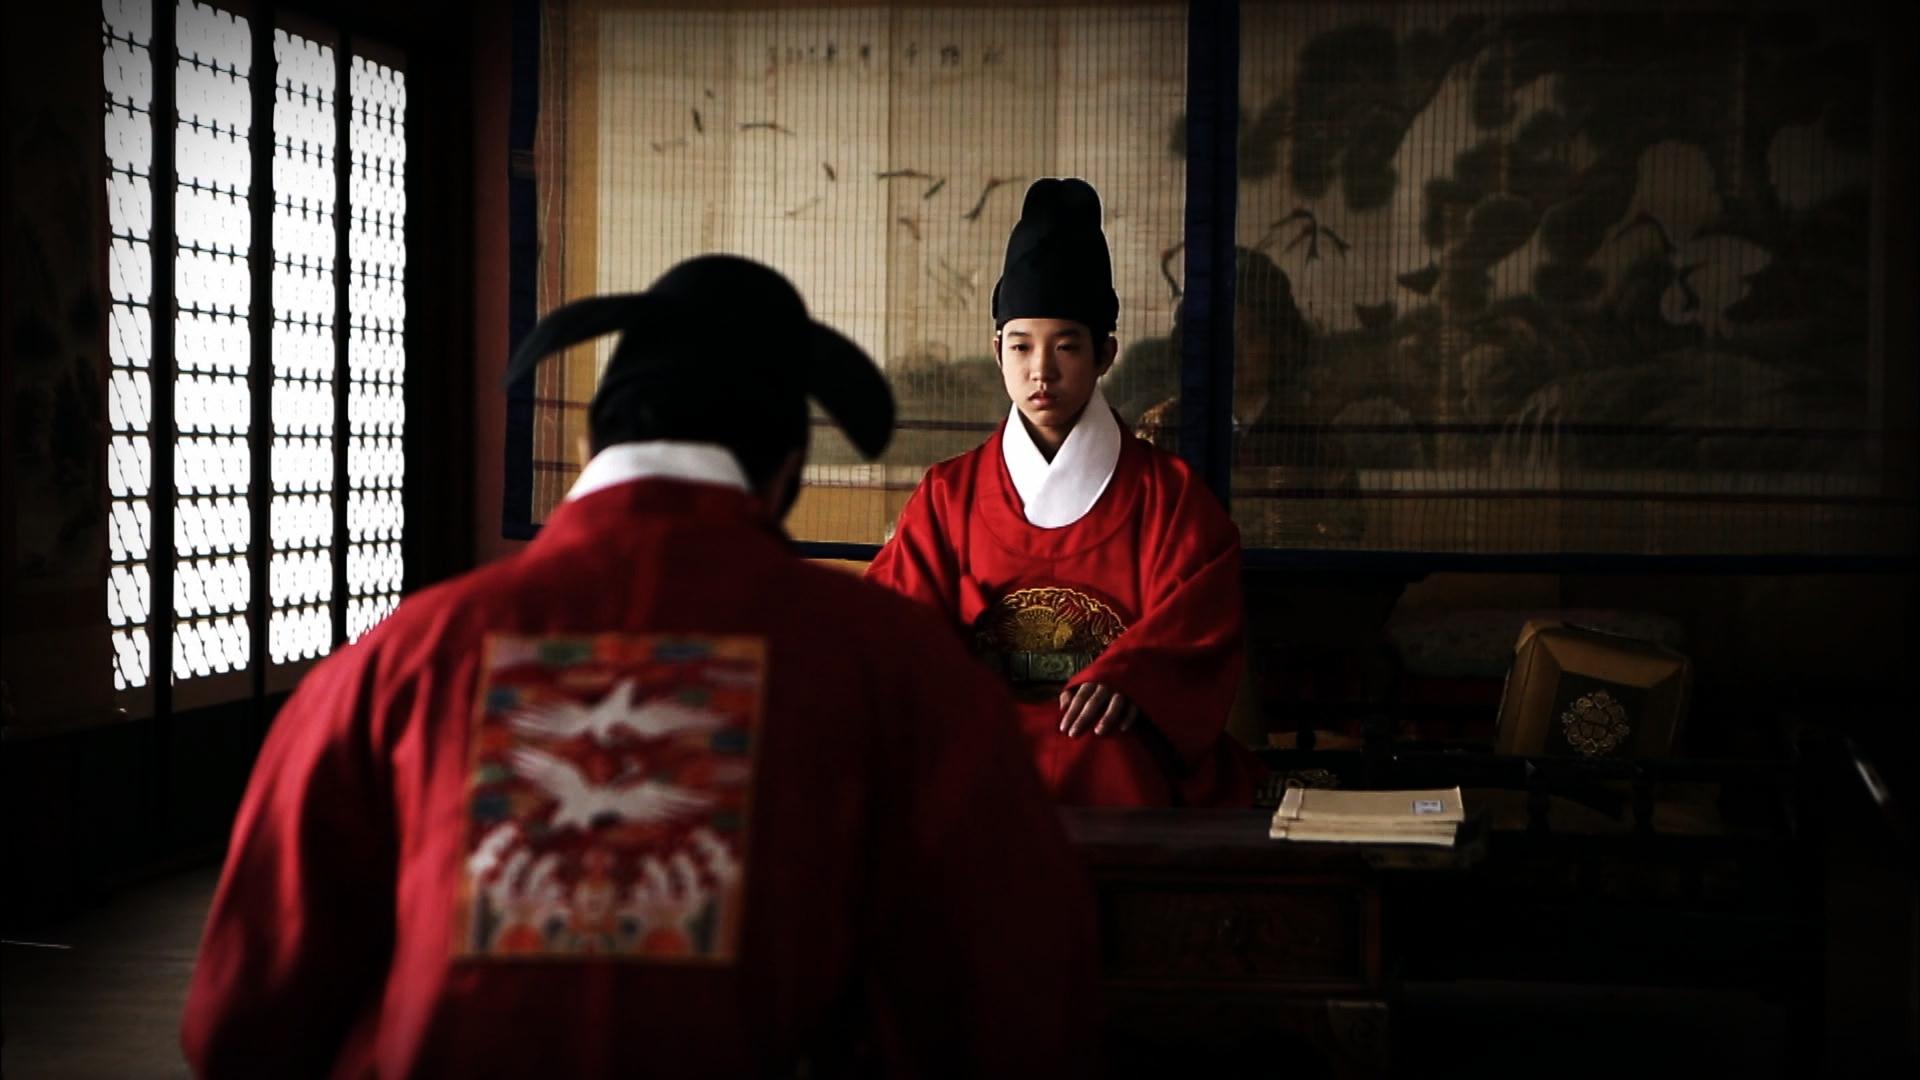 조선의 왕, 묘호(廟號)의 비밀